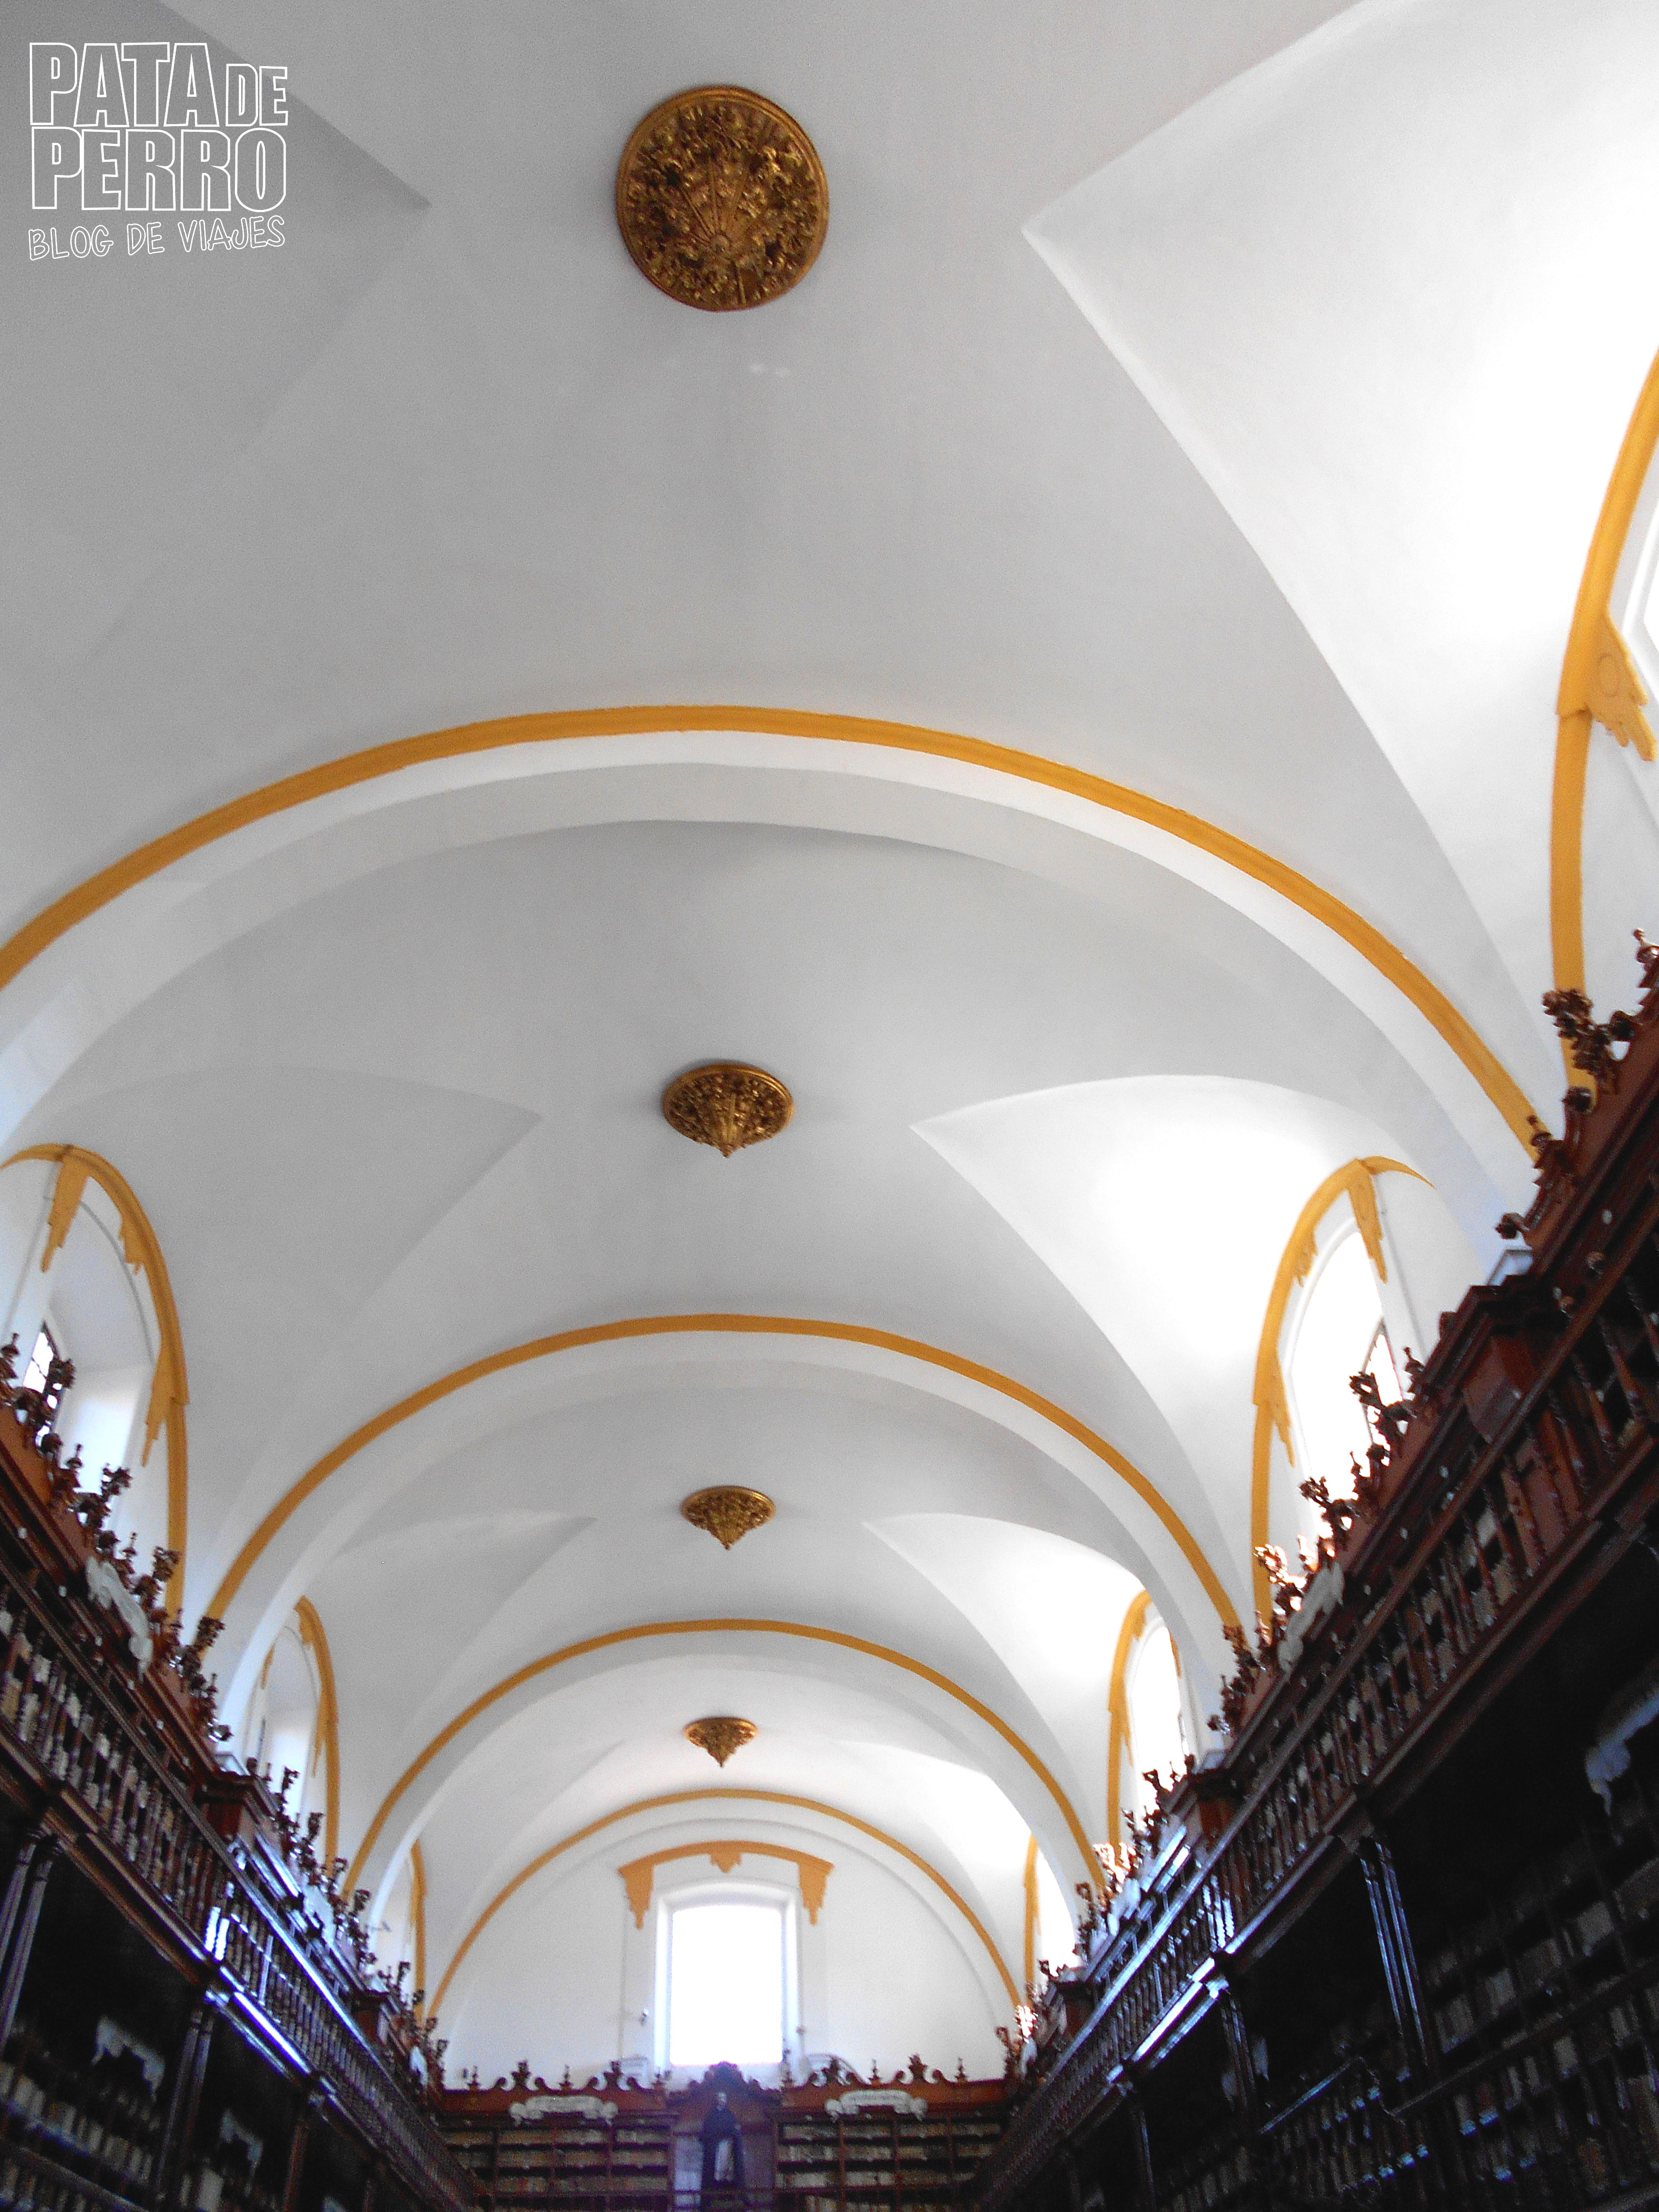 biblioteca-palafoxiana-la-primera-biblioteca-publica-de-america-pata-de-perro-blog-de-viajes-puebla-mexico-05